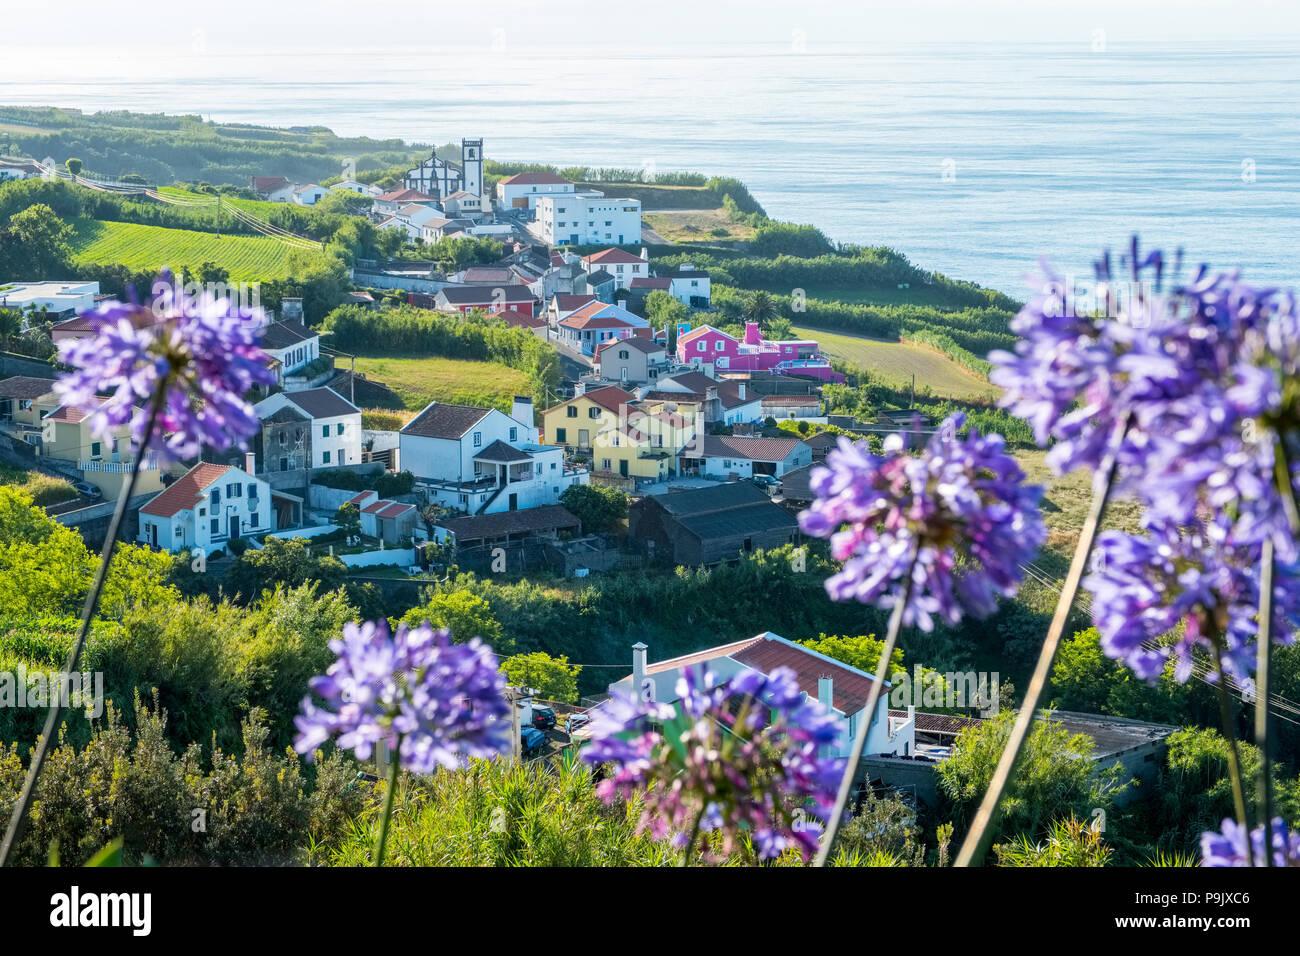 Paysage typique sur les Açores; fleurs sauvages, village, mer. Sao Miguel, Açores Photo Stock